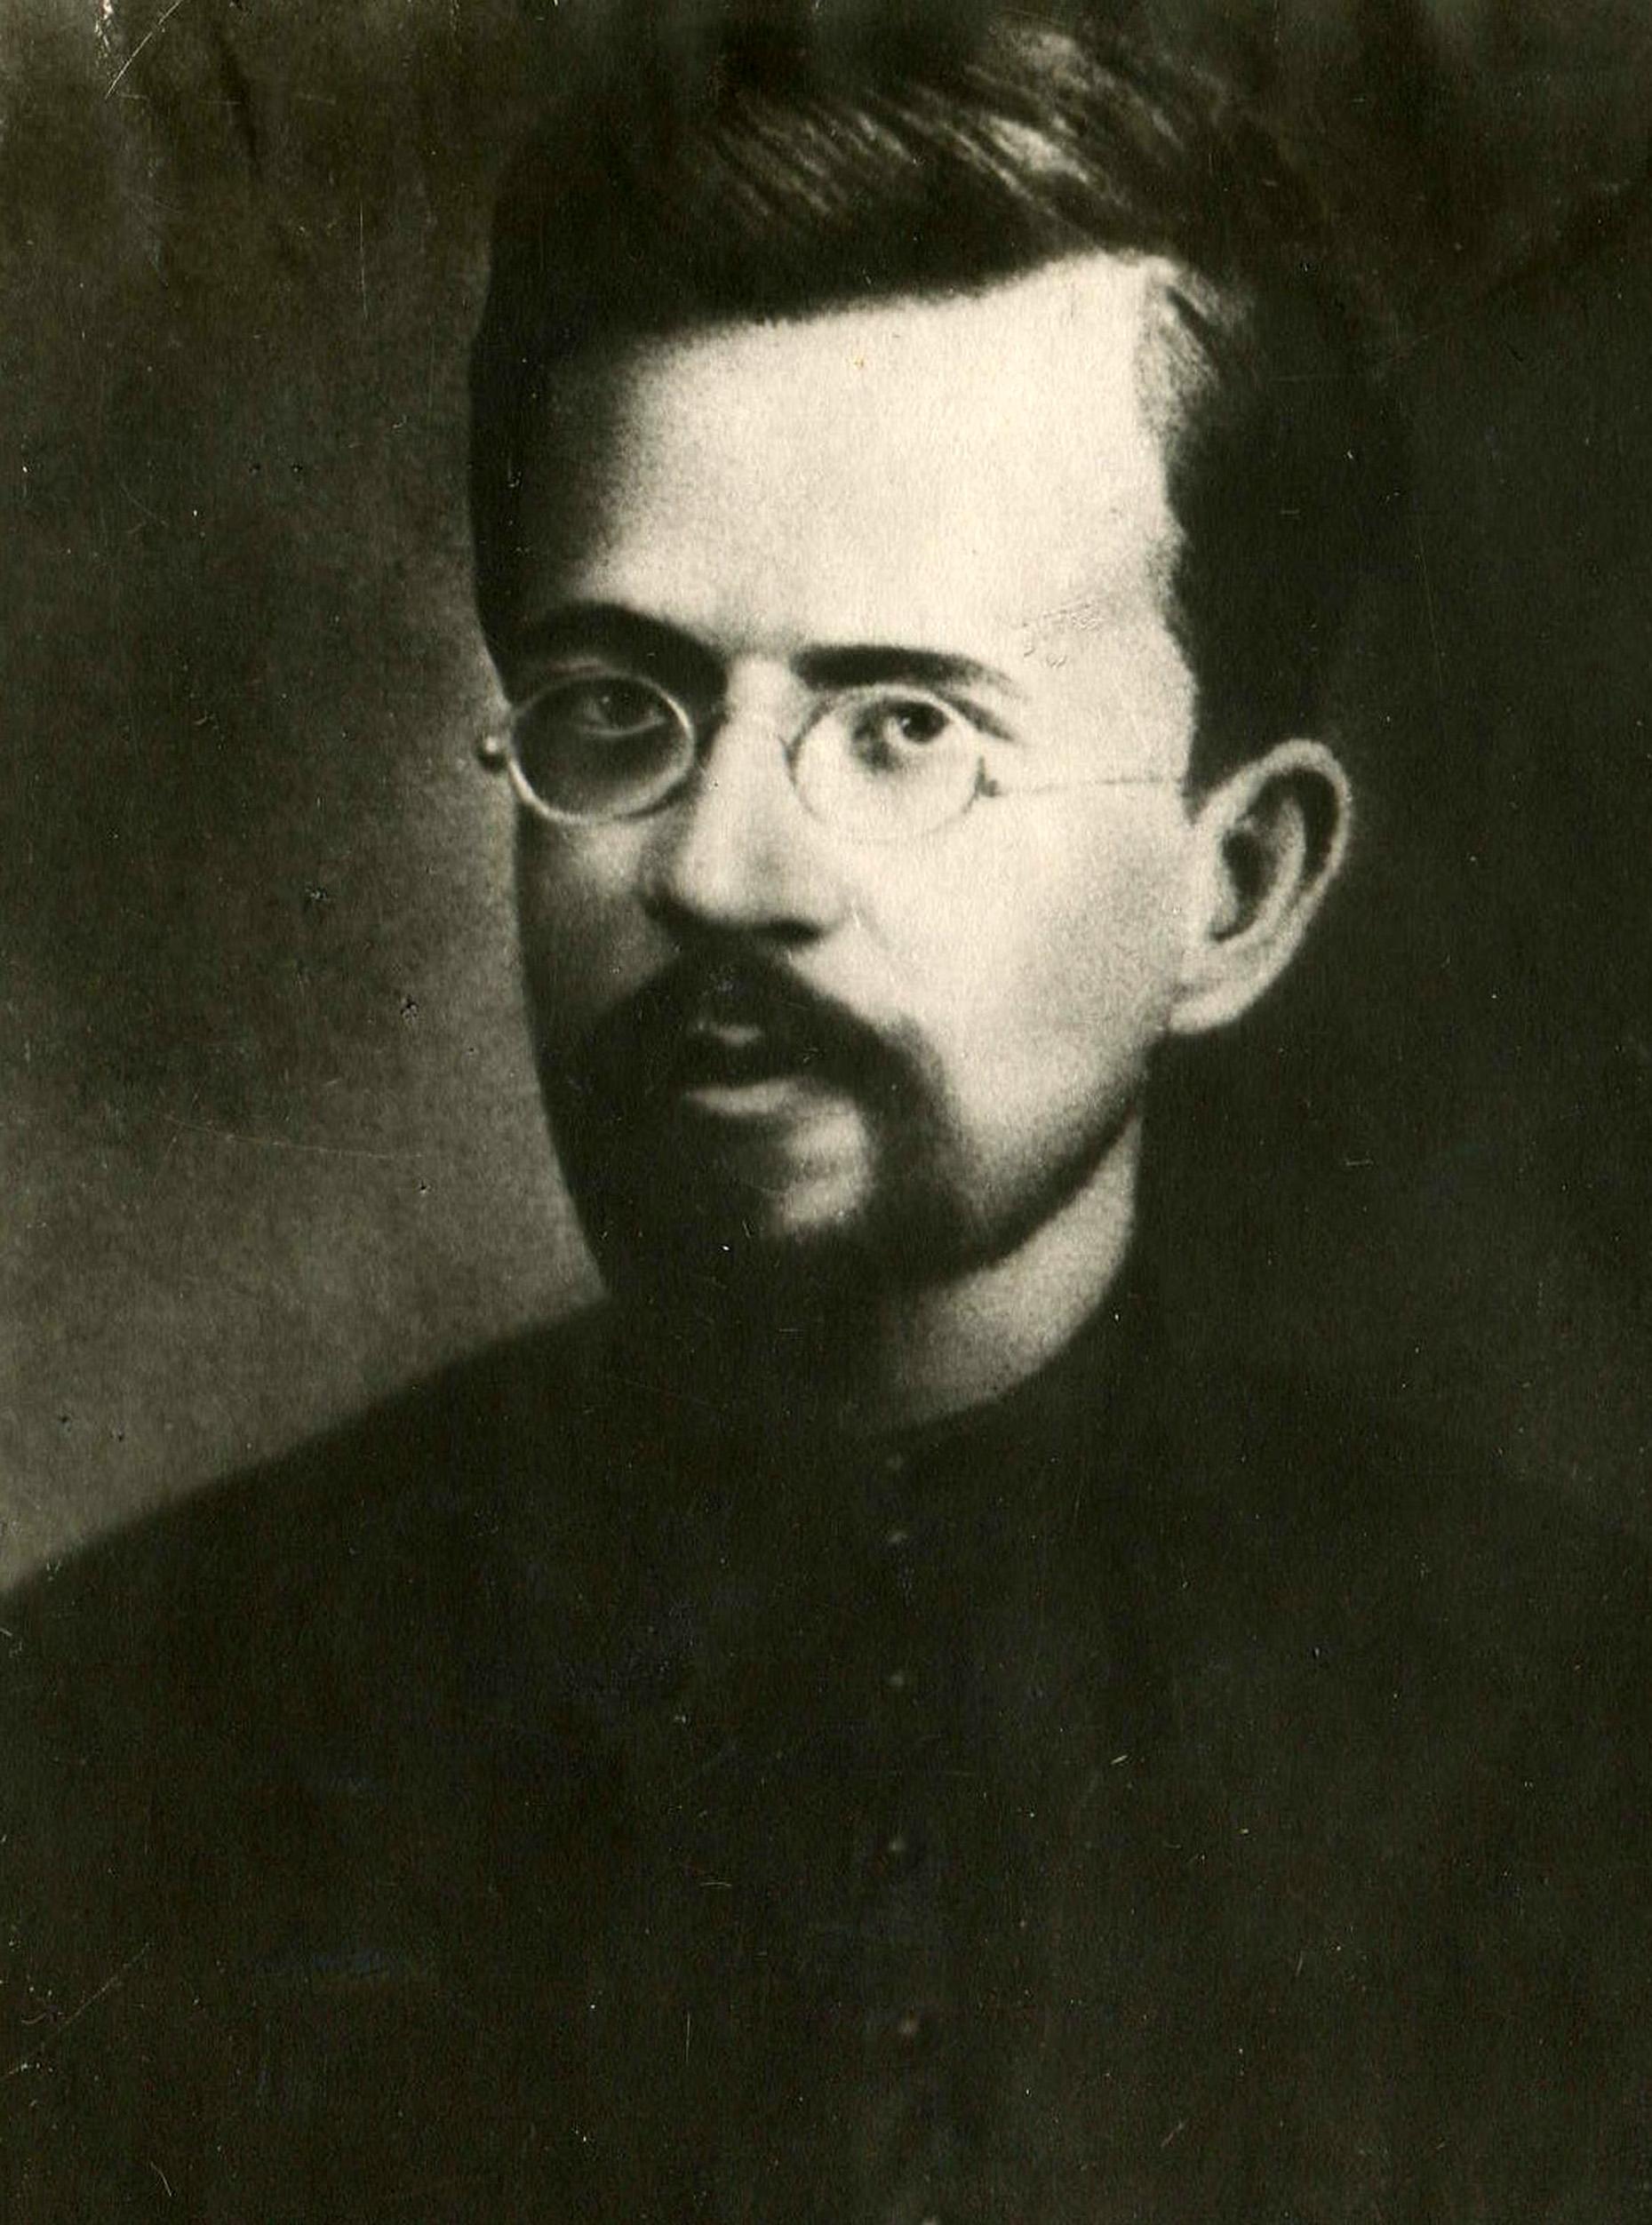 Лалаянц Исаак Христофорович (псевдонимы Колумб, Изаров, Инсаров др.; 24 июля (5 августа) 1870 года, г. Кизляр, Дагестан — 14 июля 1933 года, Москва), марксист